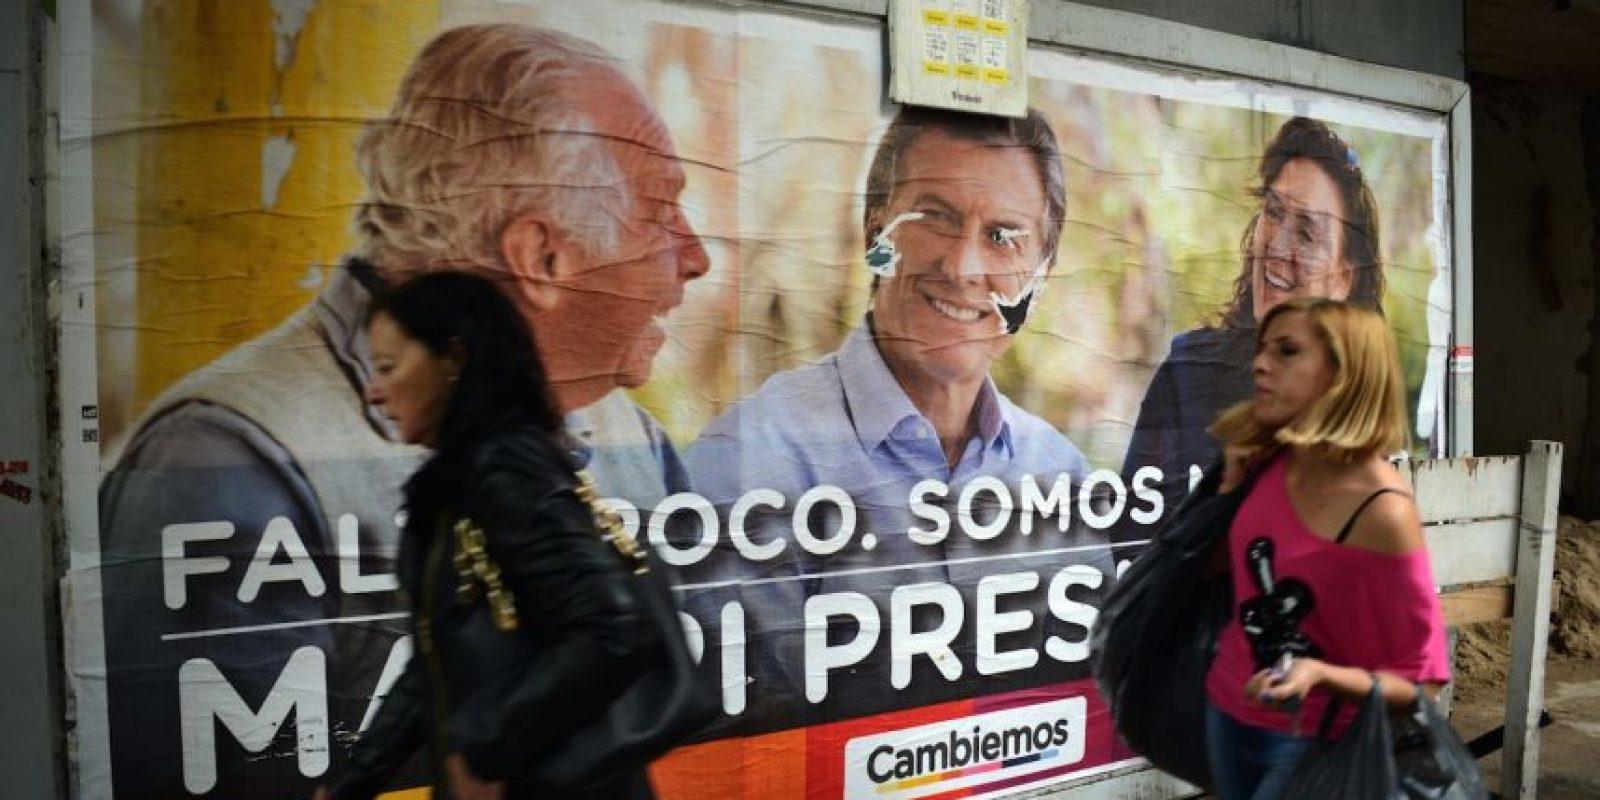 Ya que en Argentina, los partidos no están obligados a declarar cuánto dinero gastan, hasta transcurridos dos meses de la elección Foto:AFP